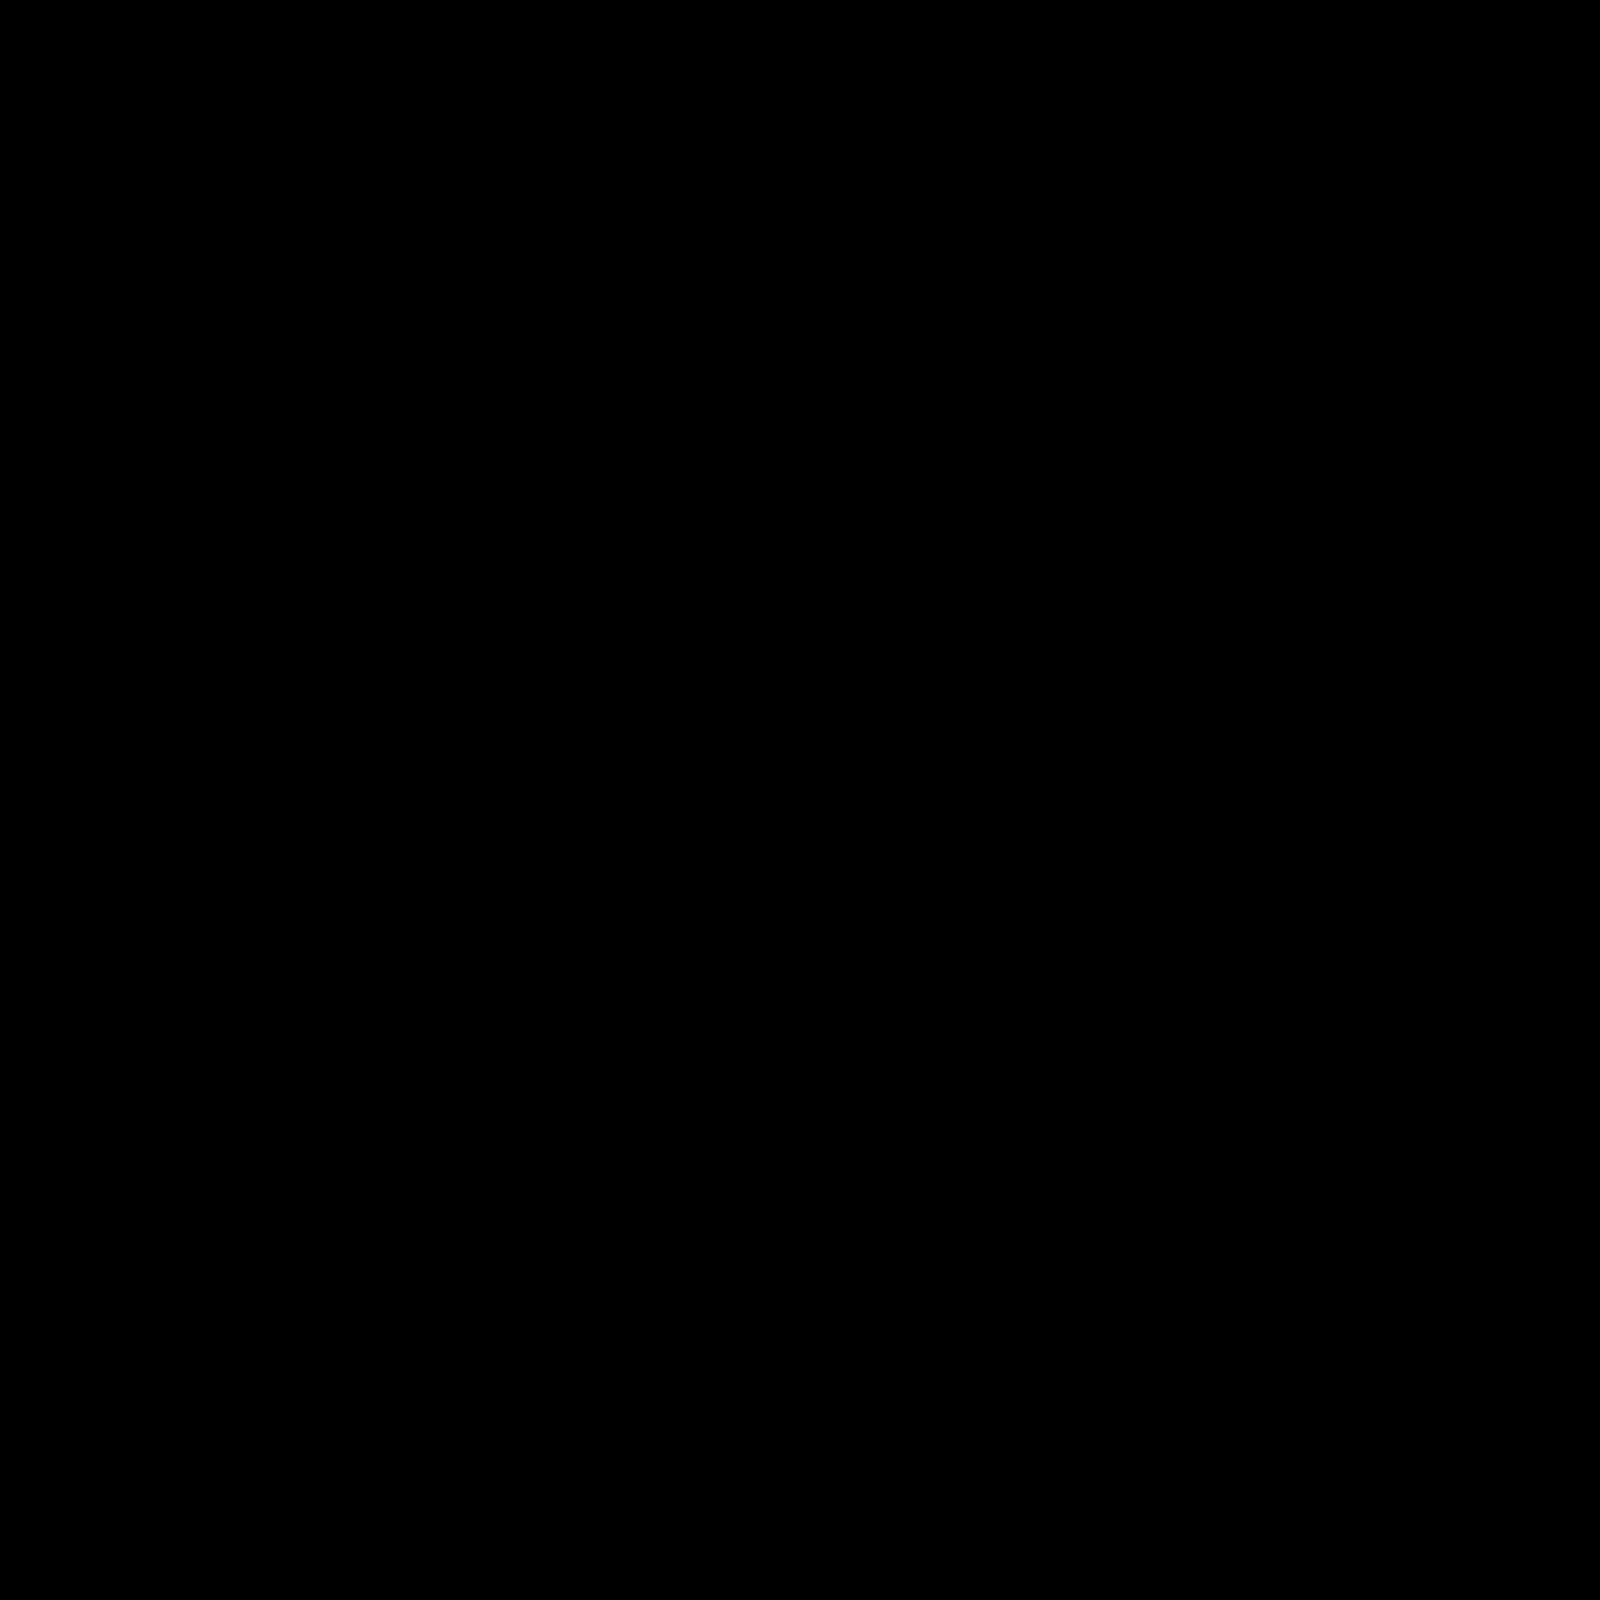 霧の夜 icon